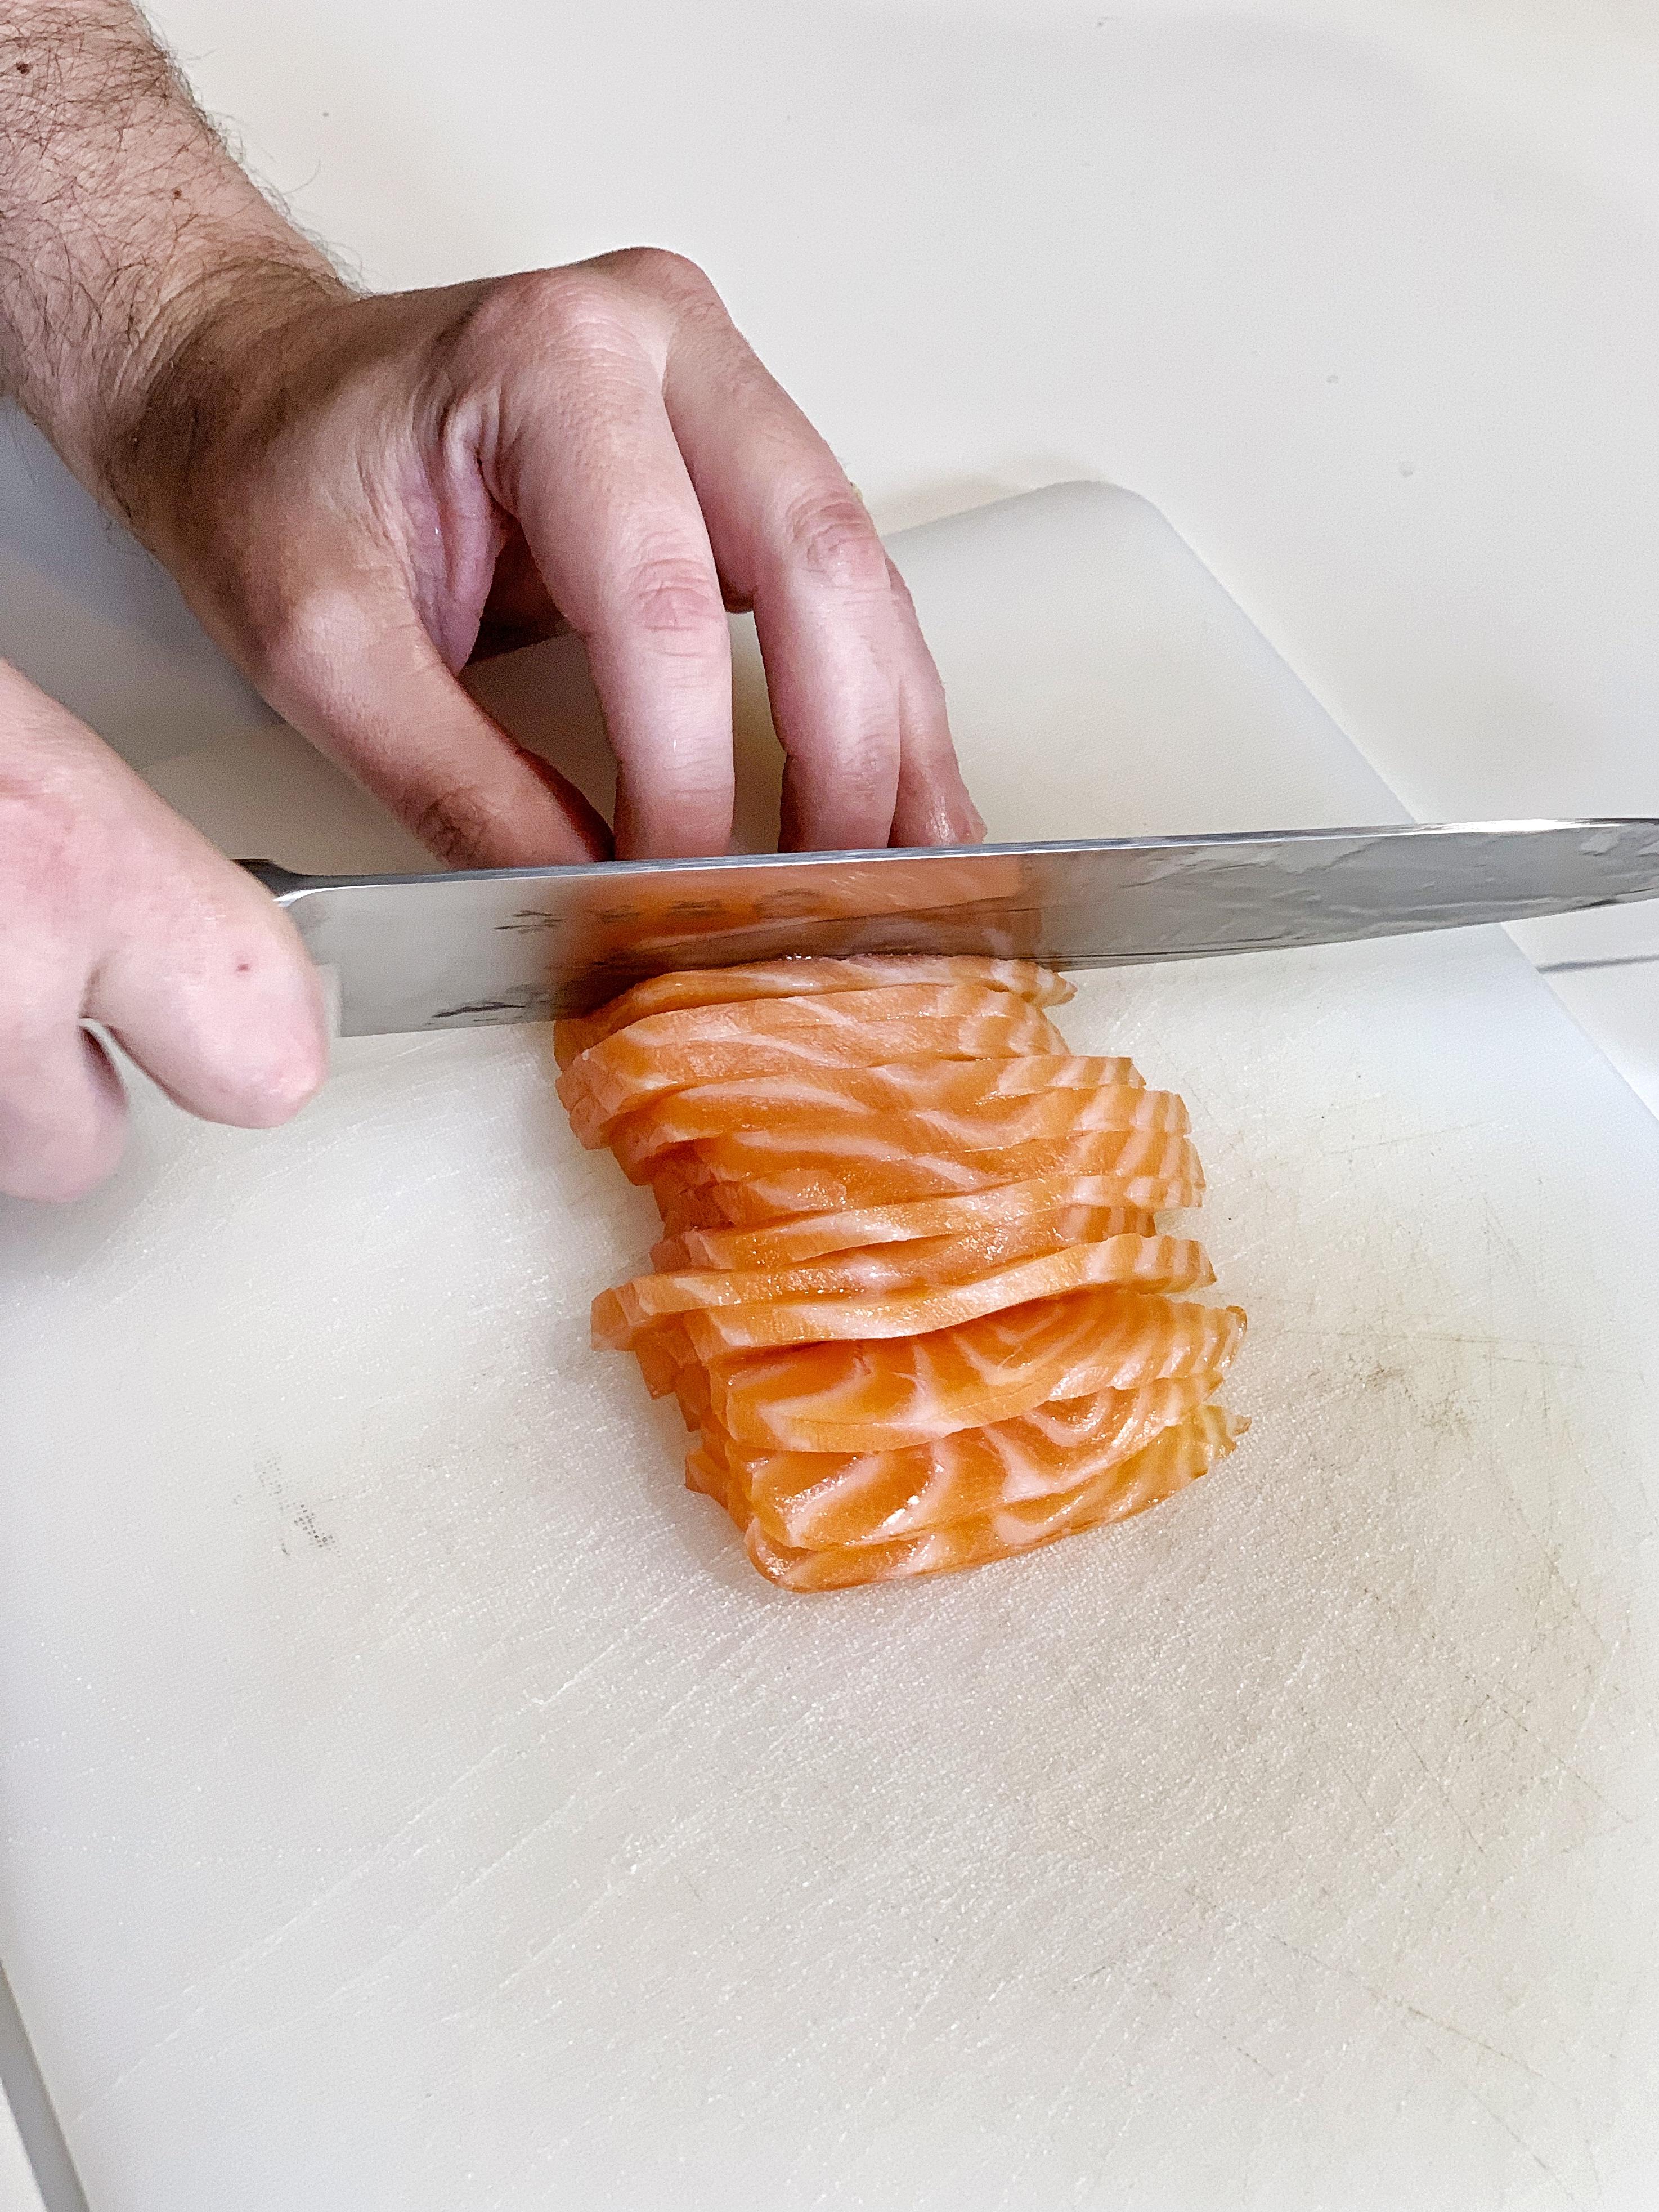 Mano fotografata mentre taglia il salmone